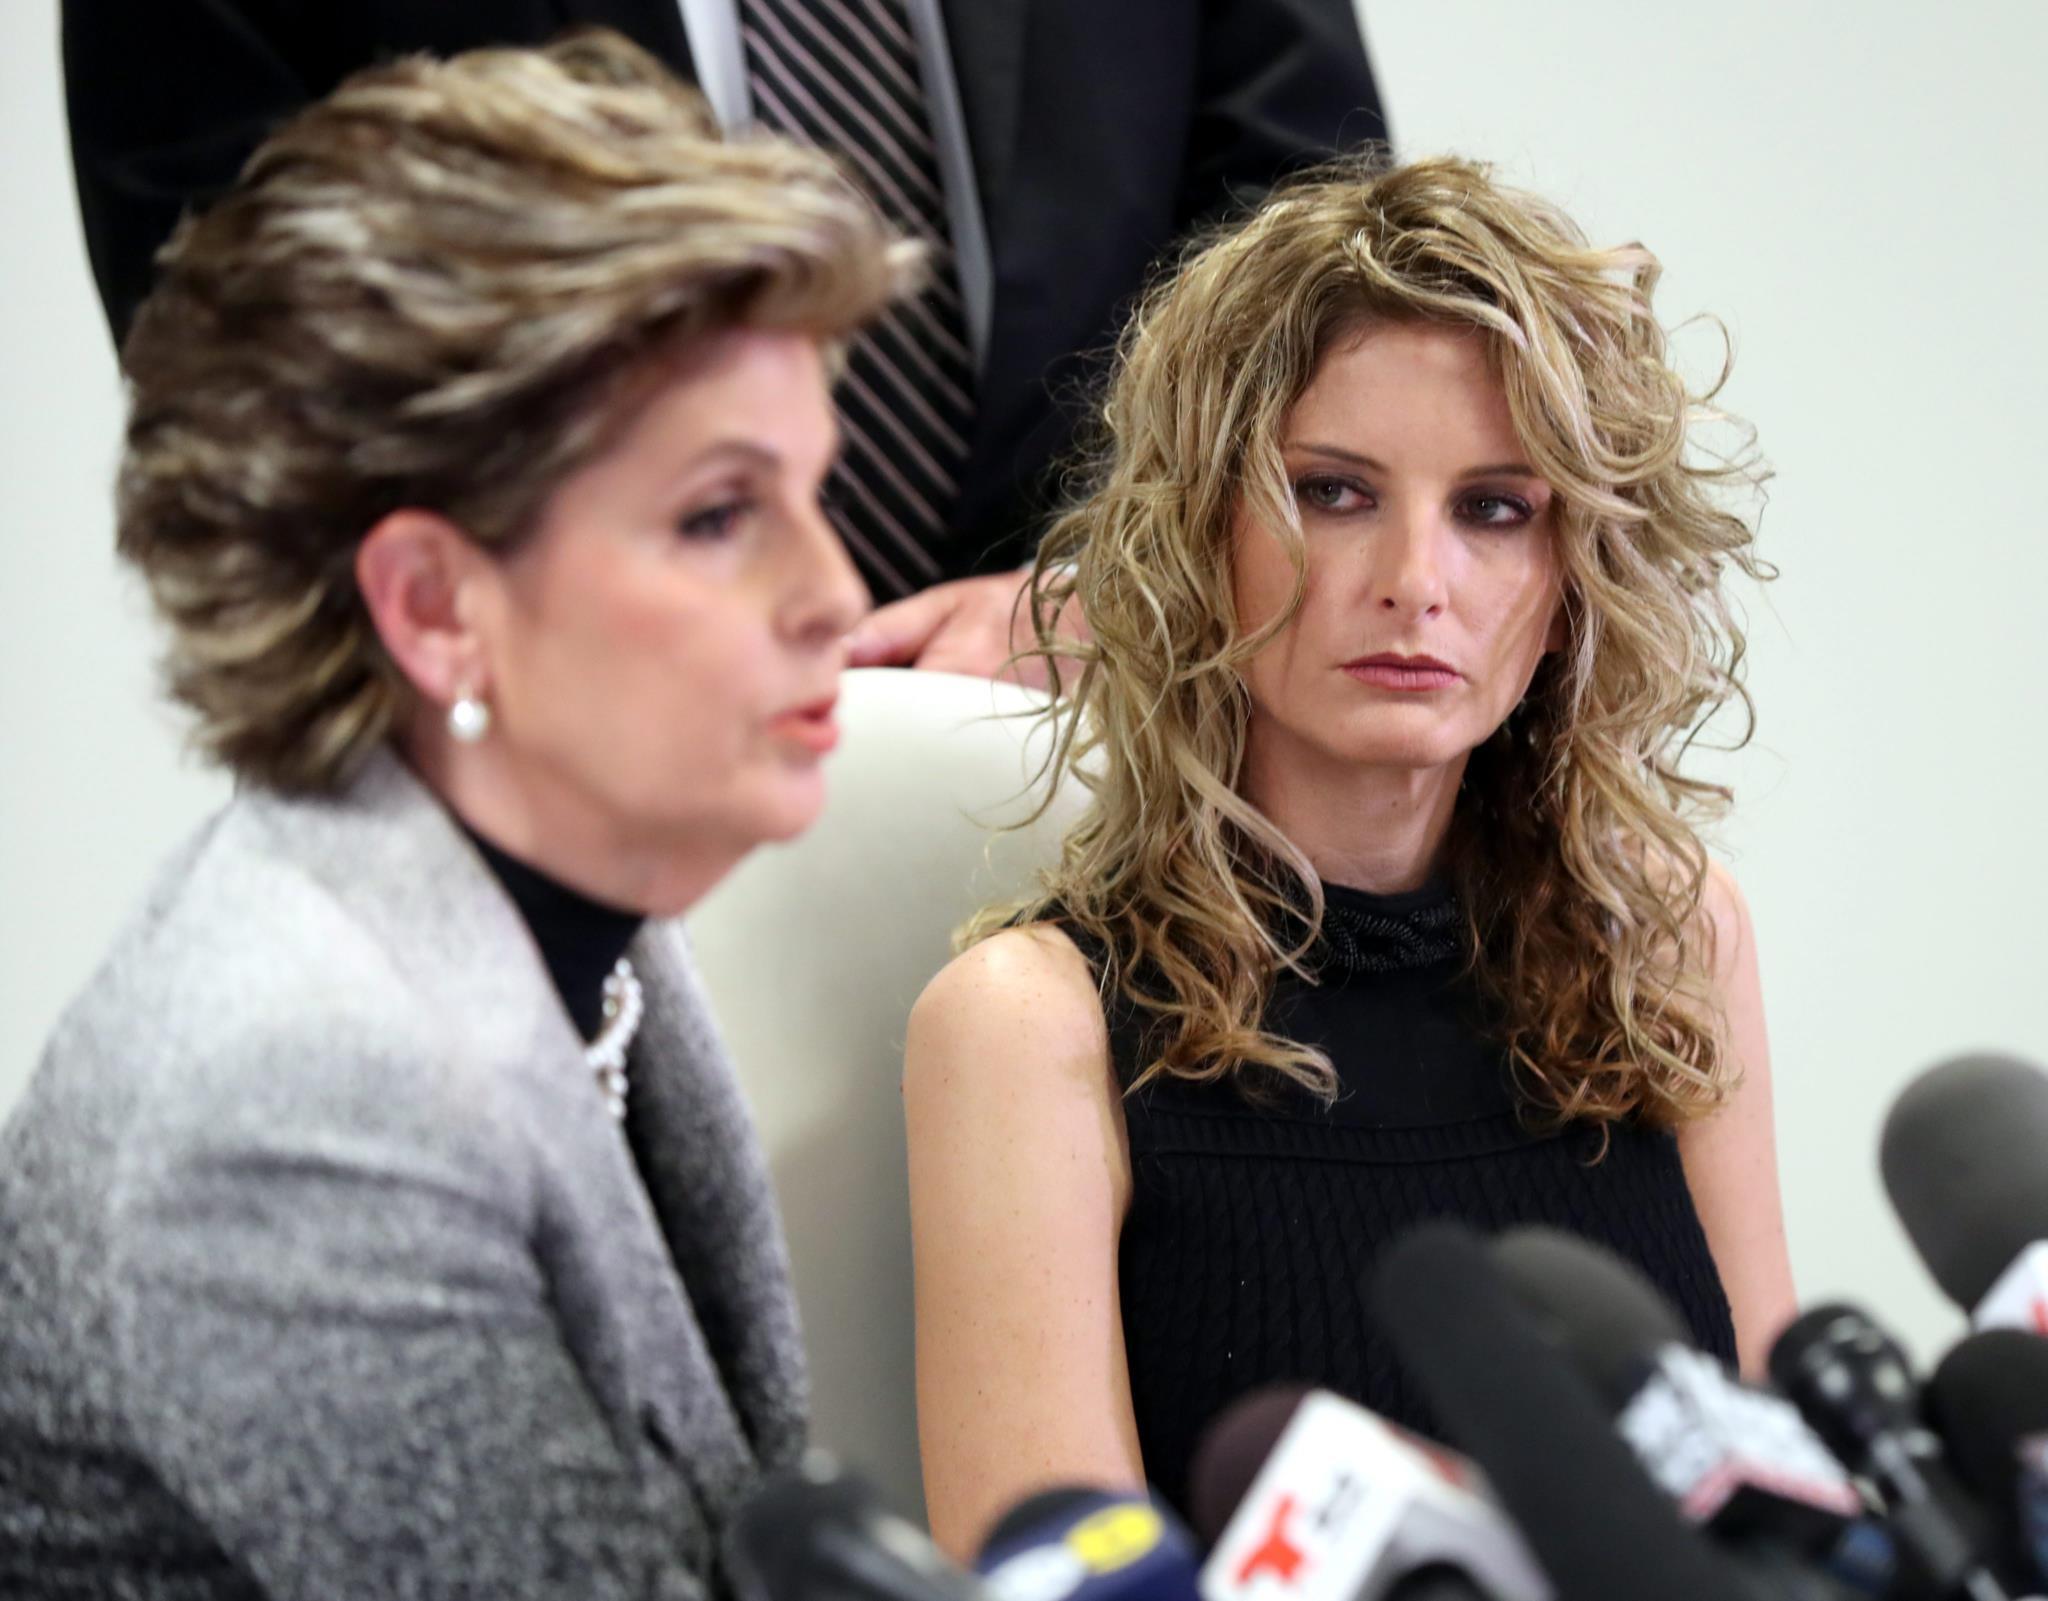 A antiga concorrente do programa Apprentice, aqui com a advogada, vai levar Trump a tribunal por difamação